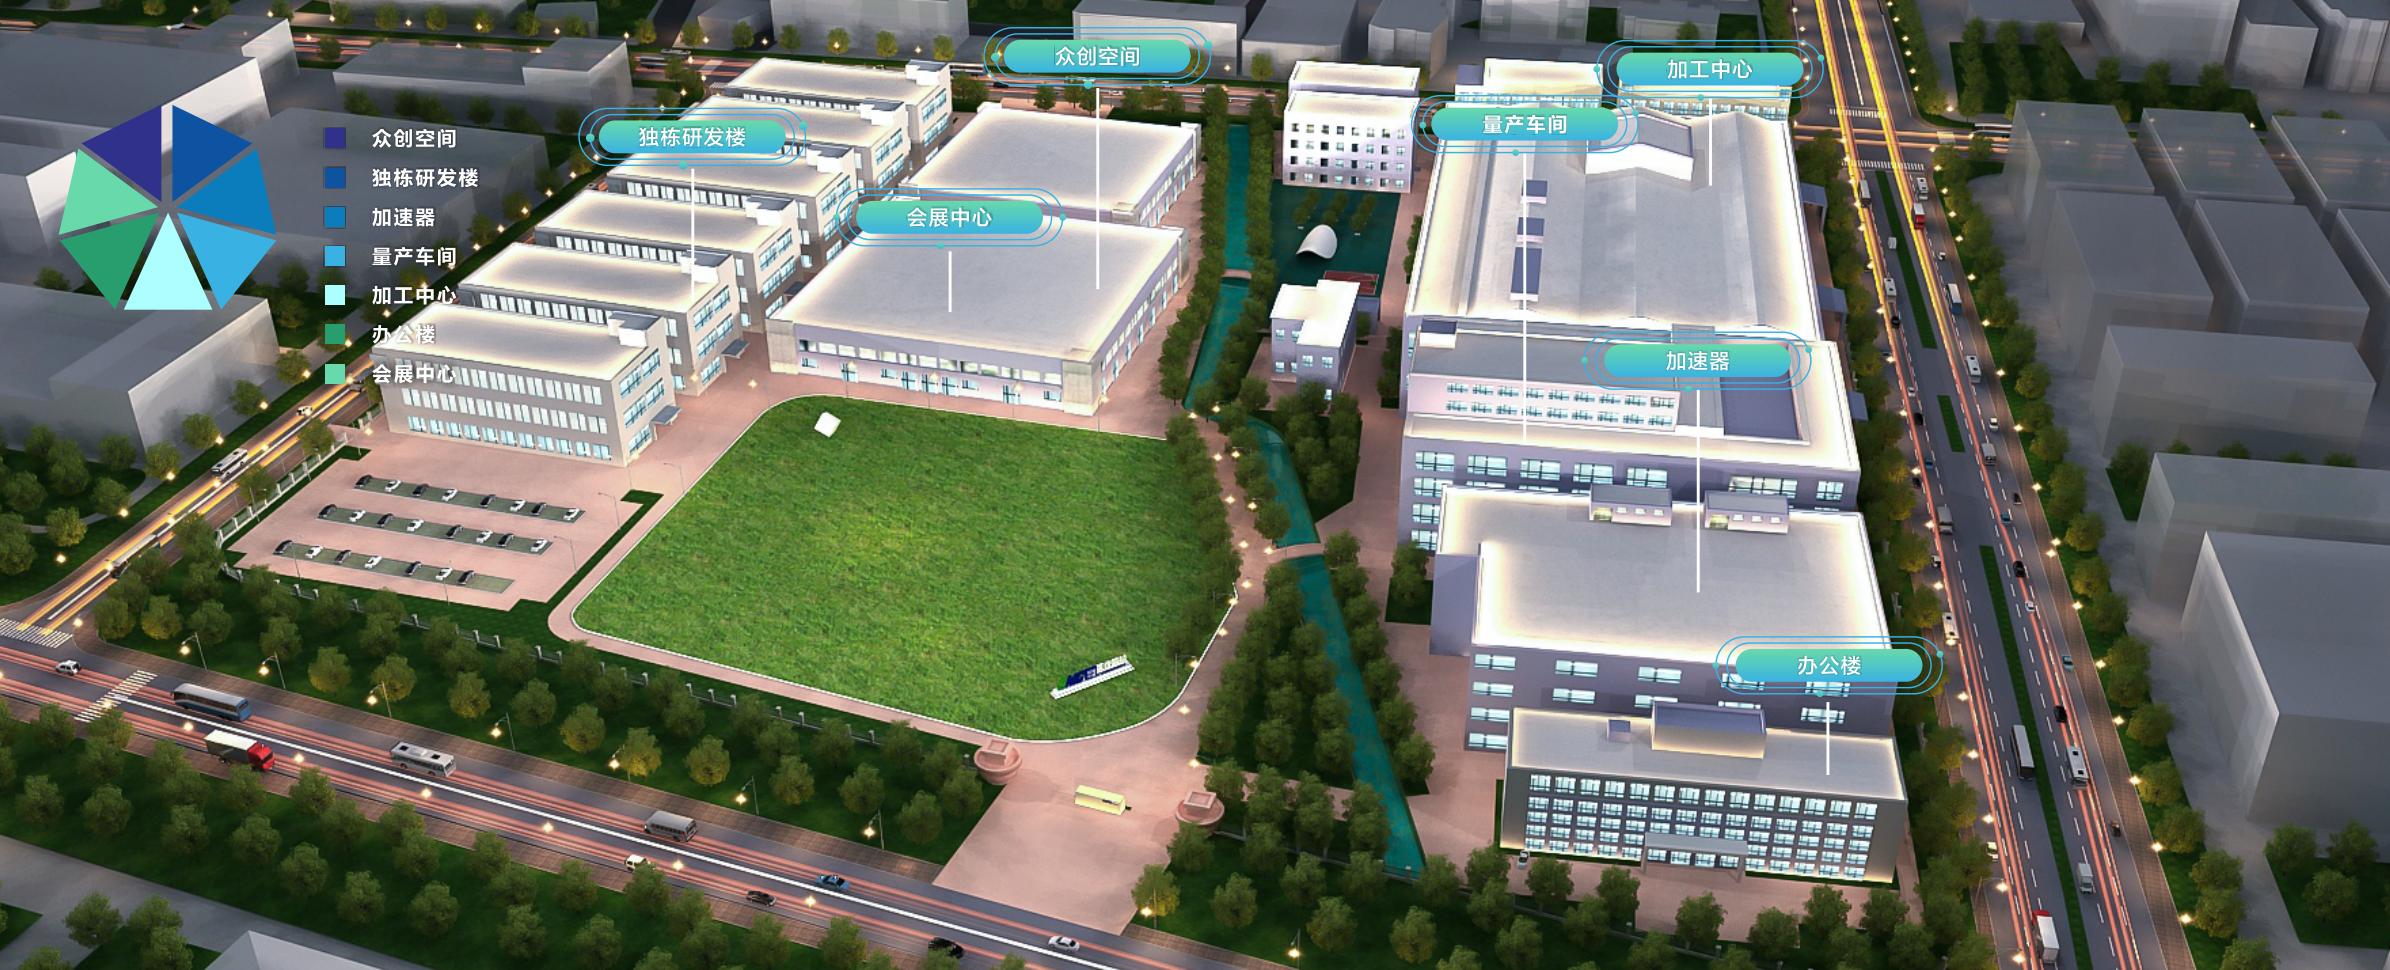 绍兴越城医疗器械产业创新服务综合体-1